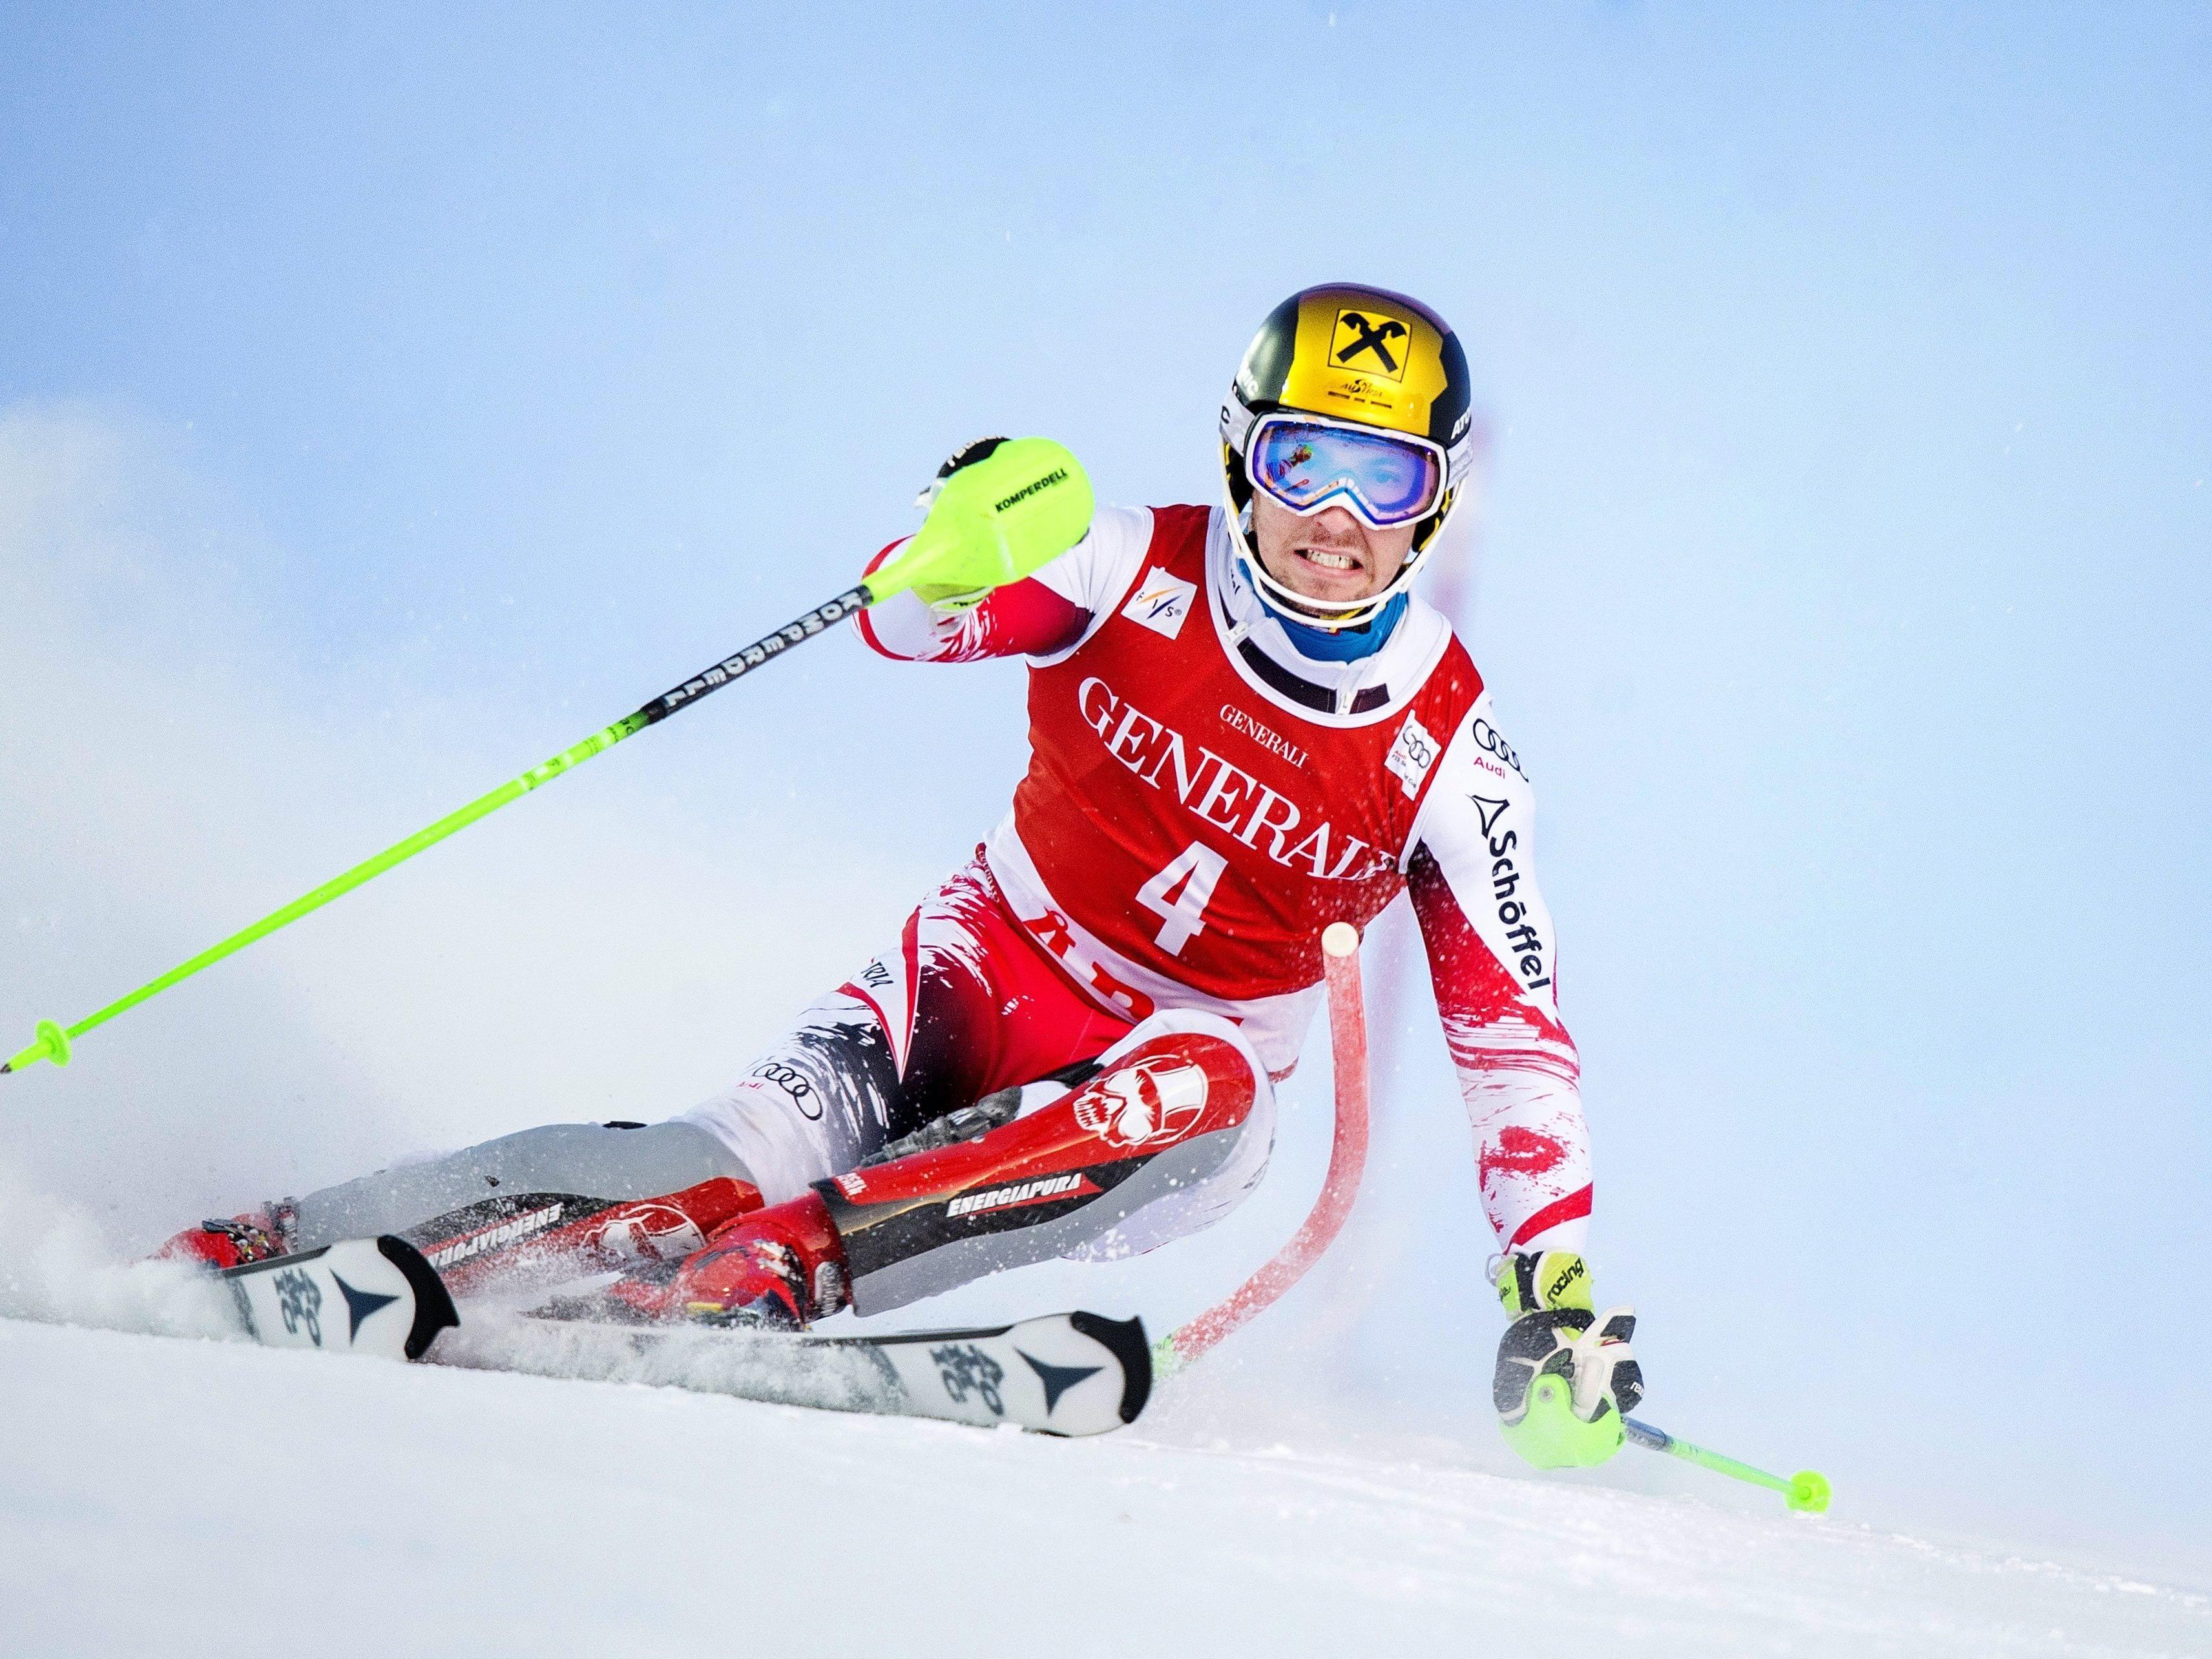 Nach Sieg im Riesentorlauf auch Platz eins im Slalom.